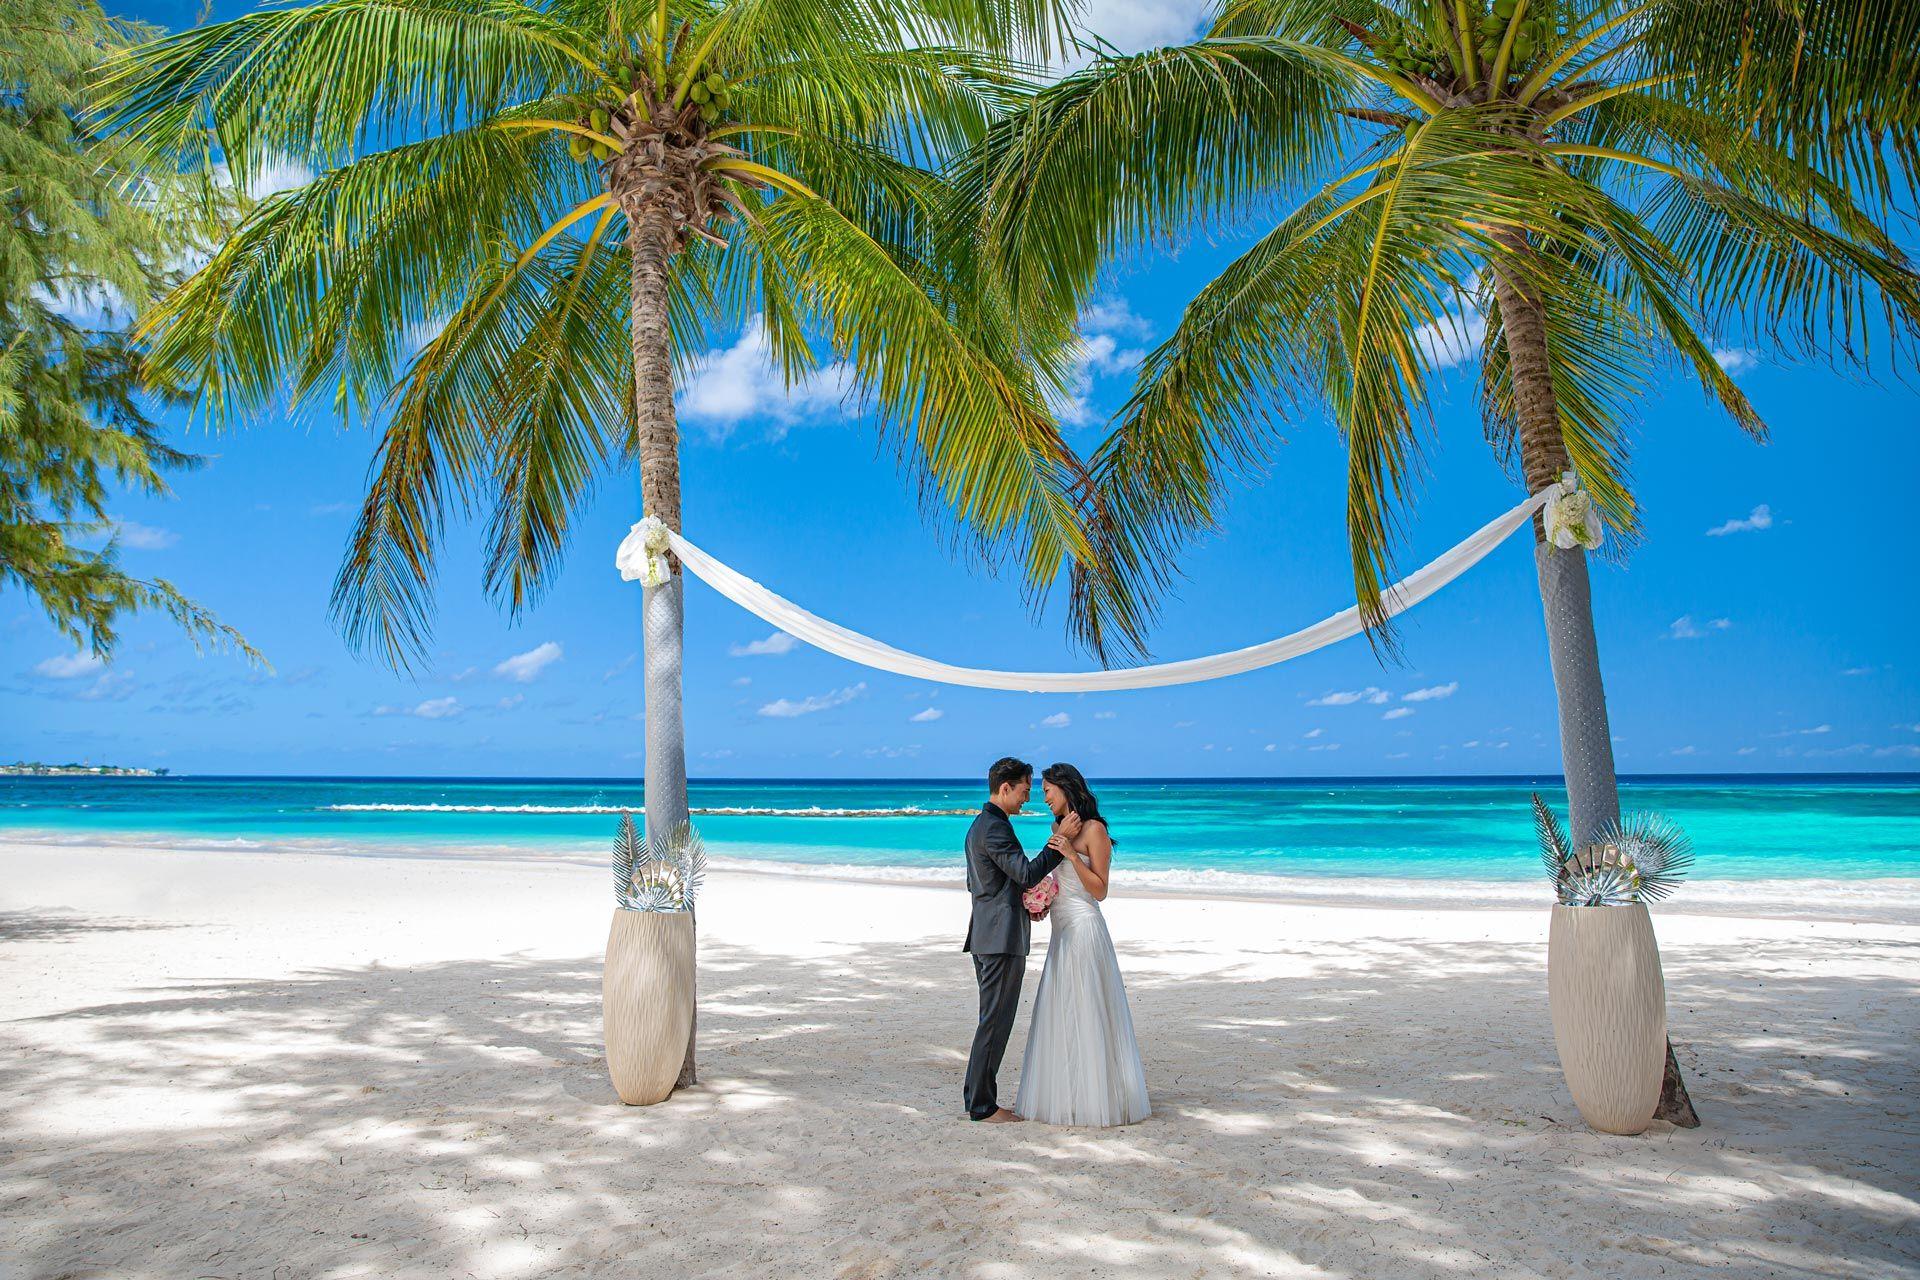 Sandals Barbados Couple Wedding Beach